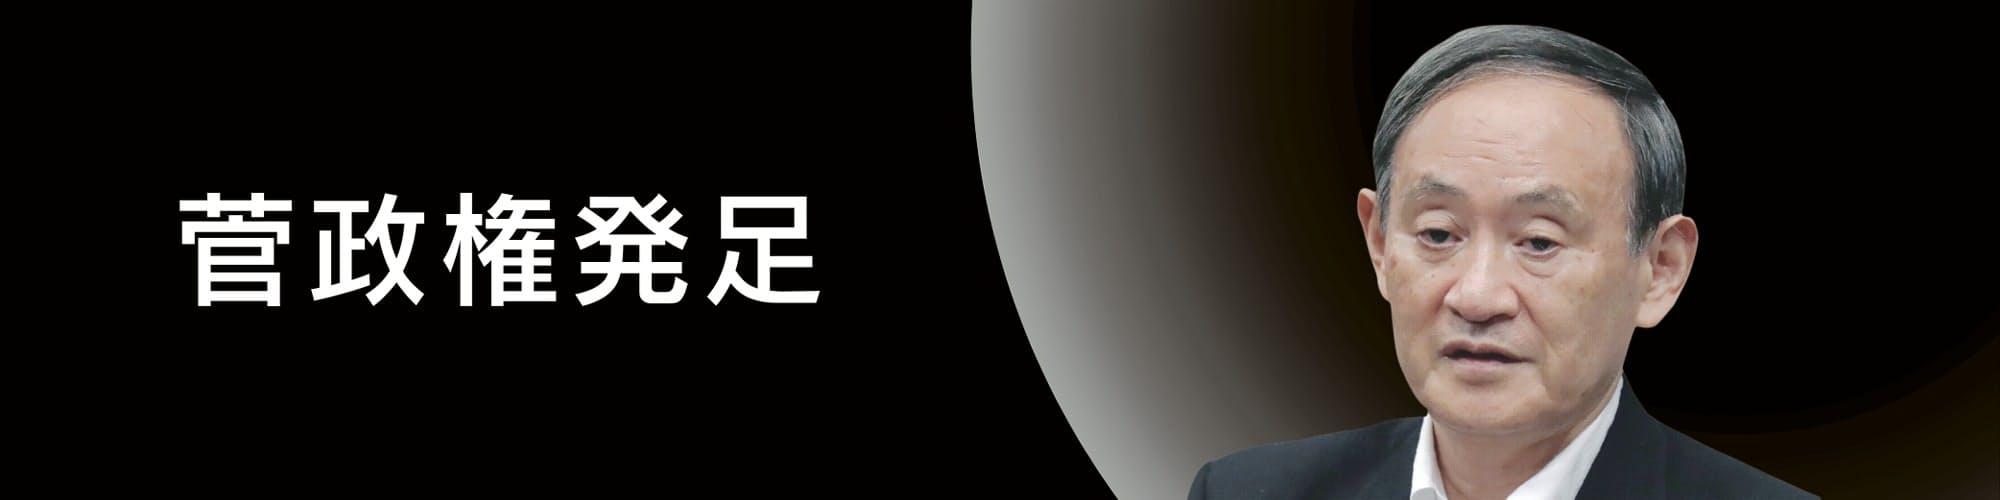 菅内閣誕生ドキュメント